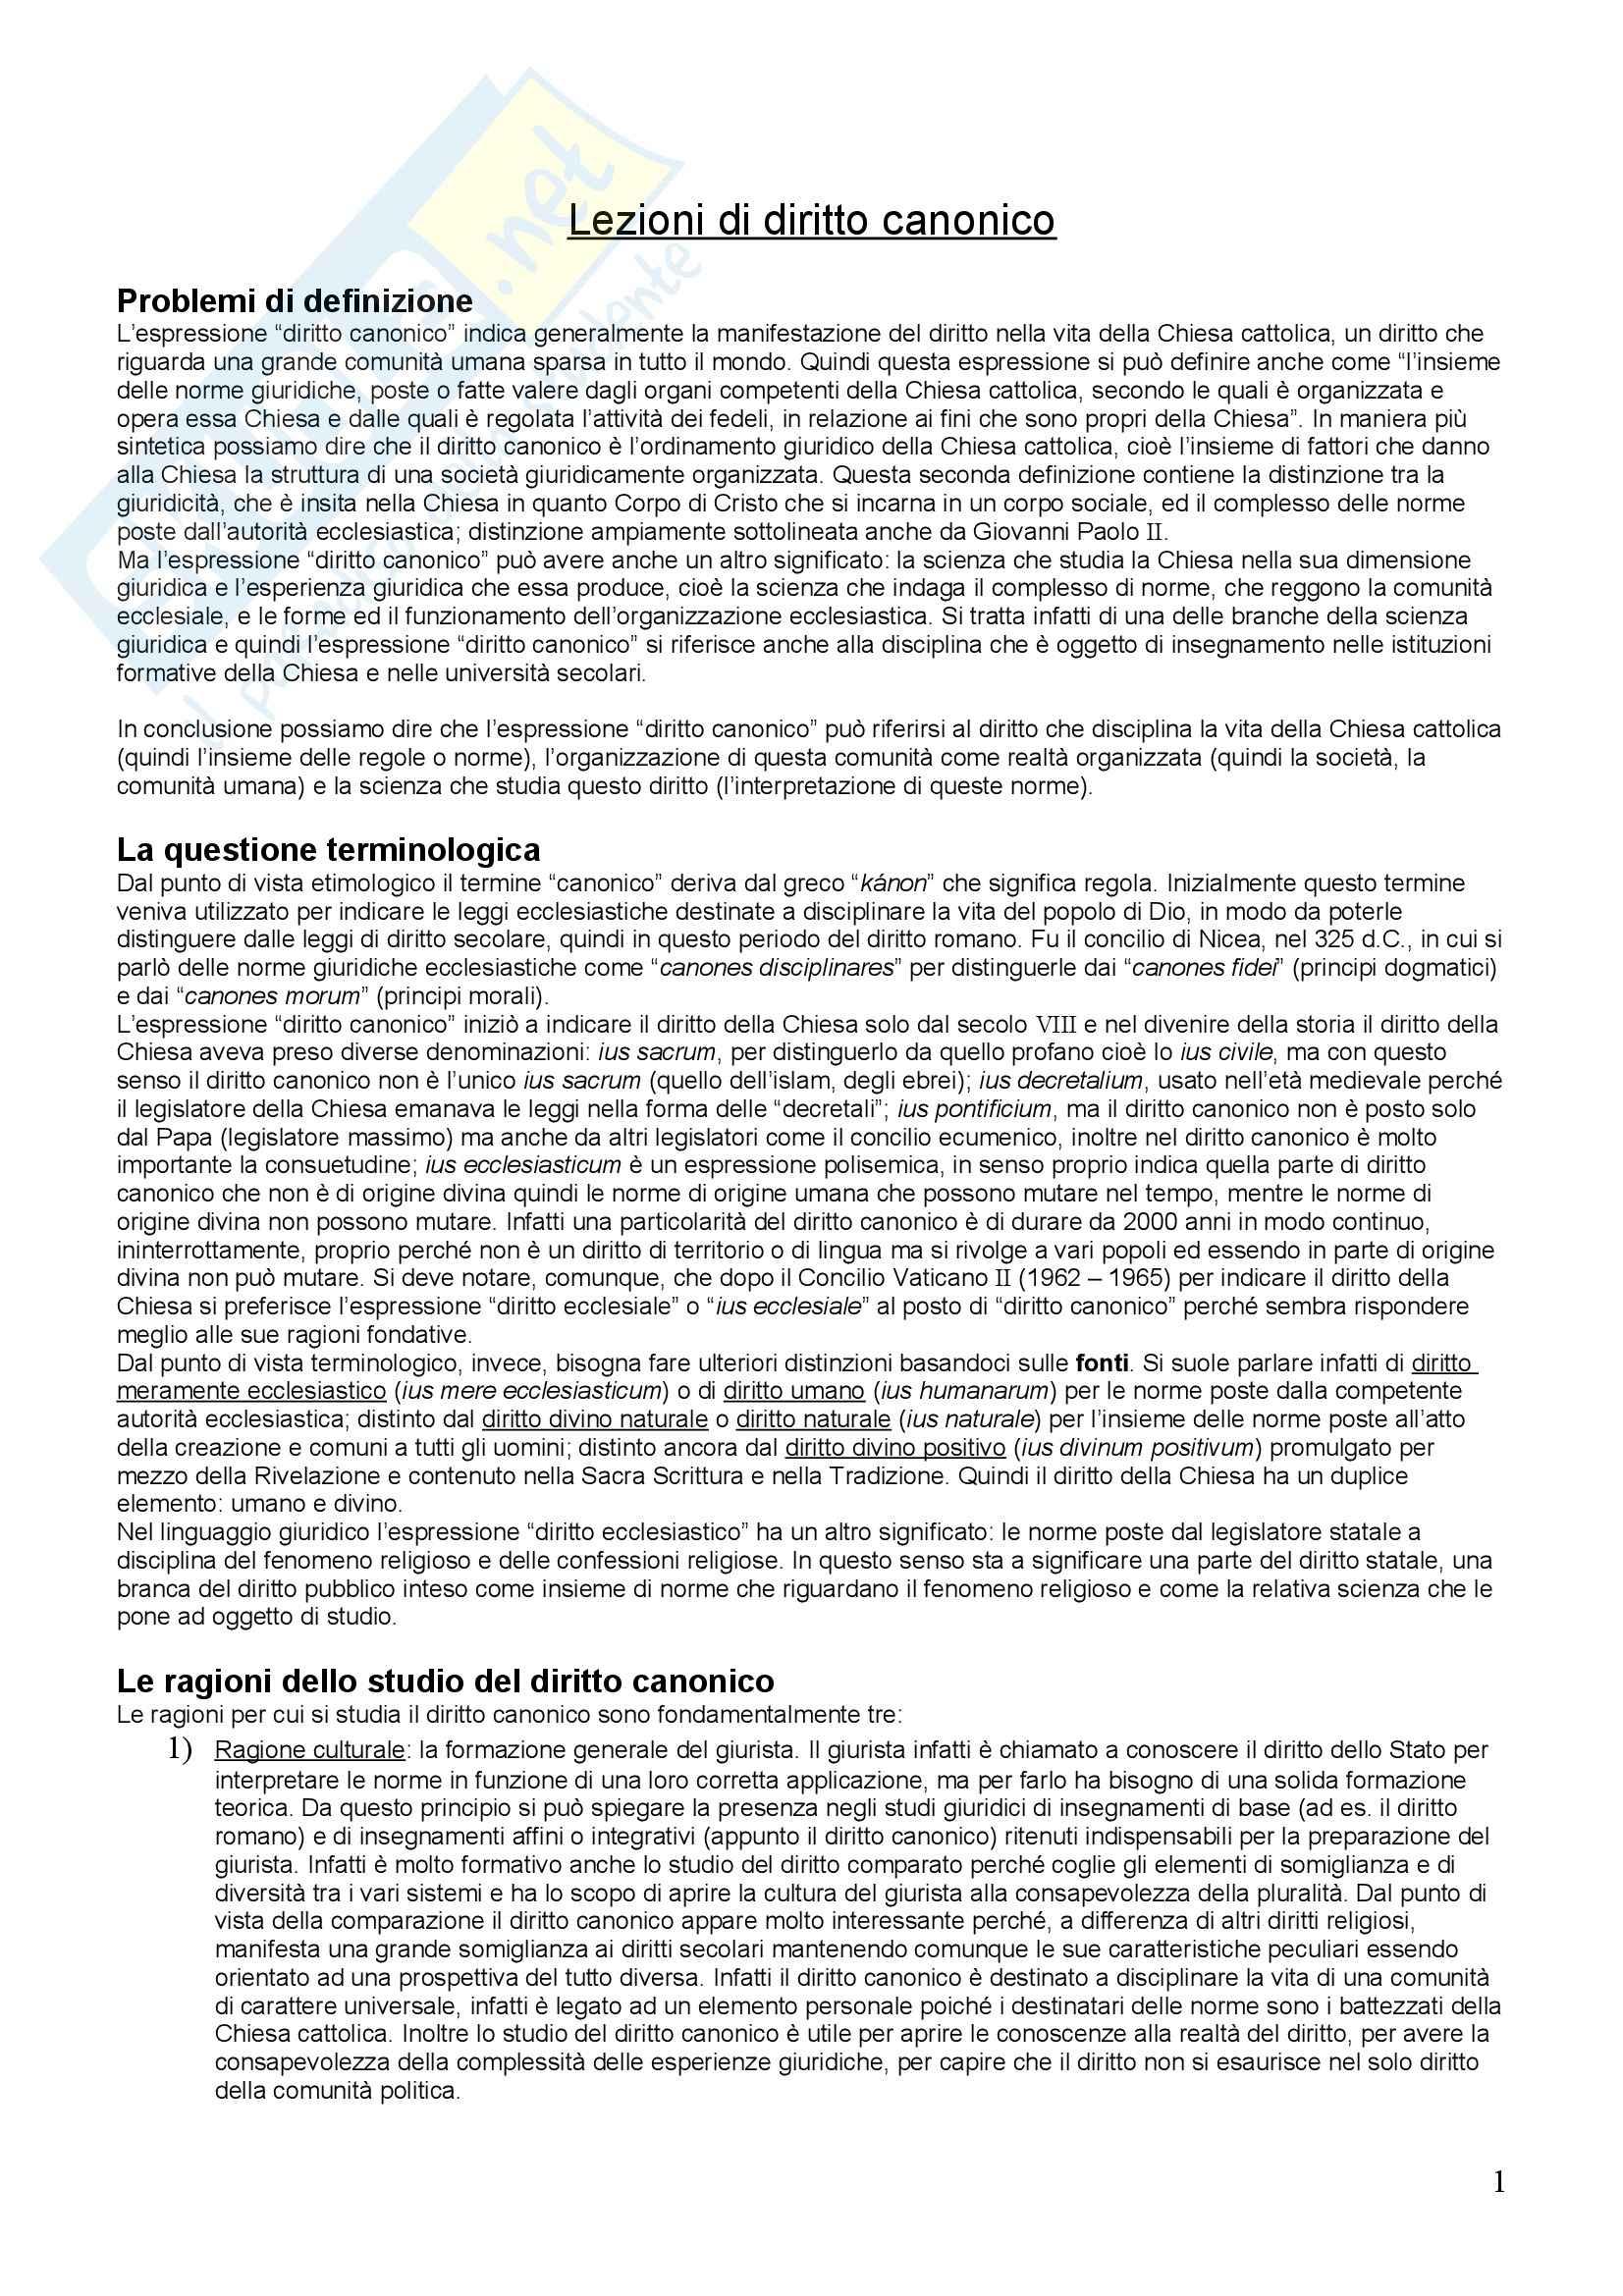 Diritto canonico - Riassunto esame